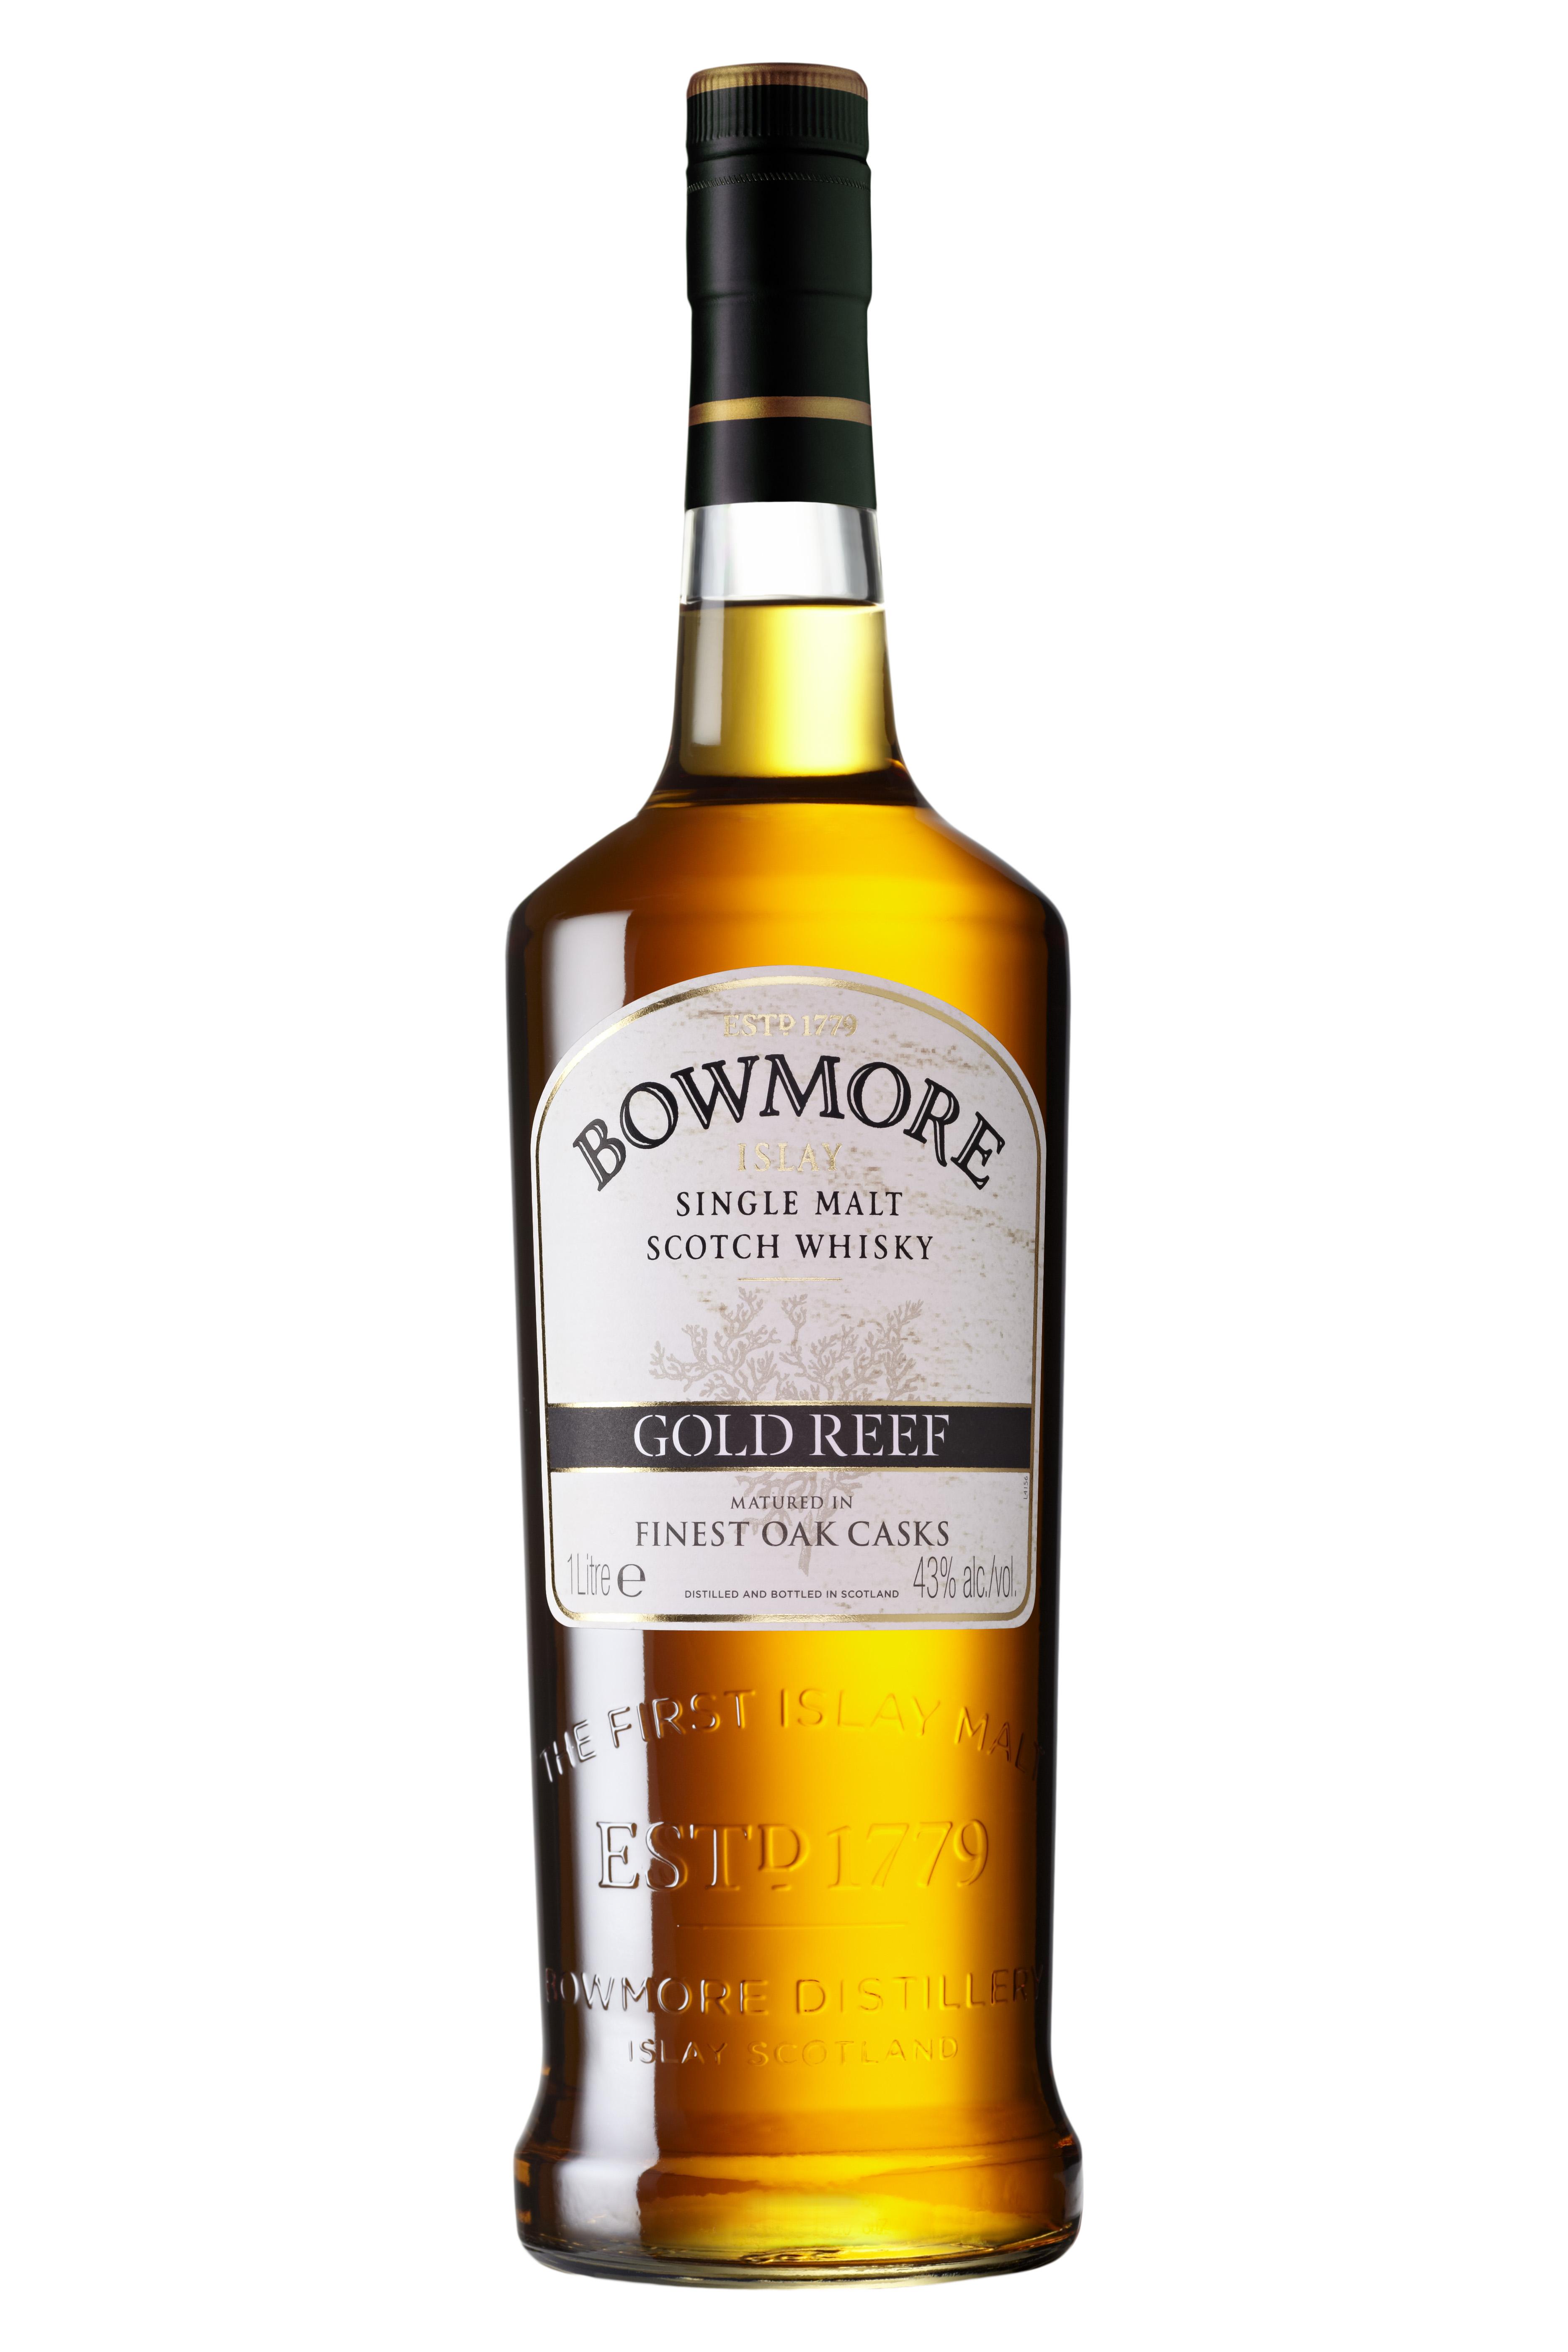 Bowmore Travel Retail Tweet Tasting   WhiskyCorner.co.uk